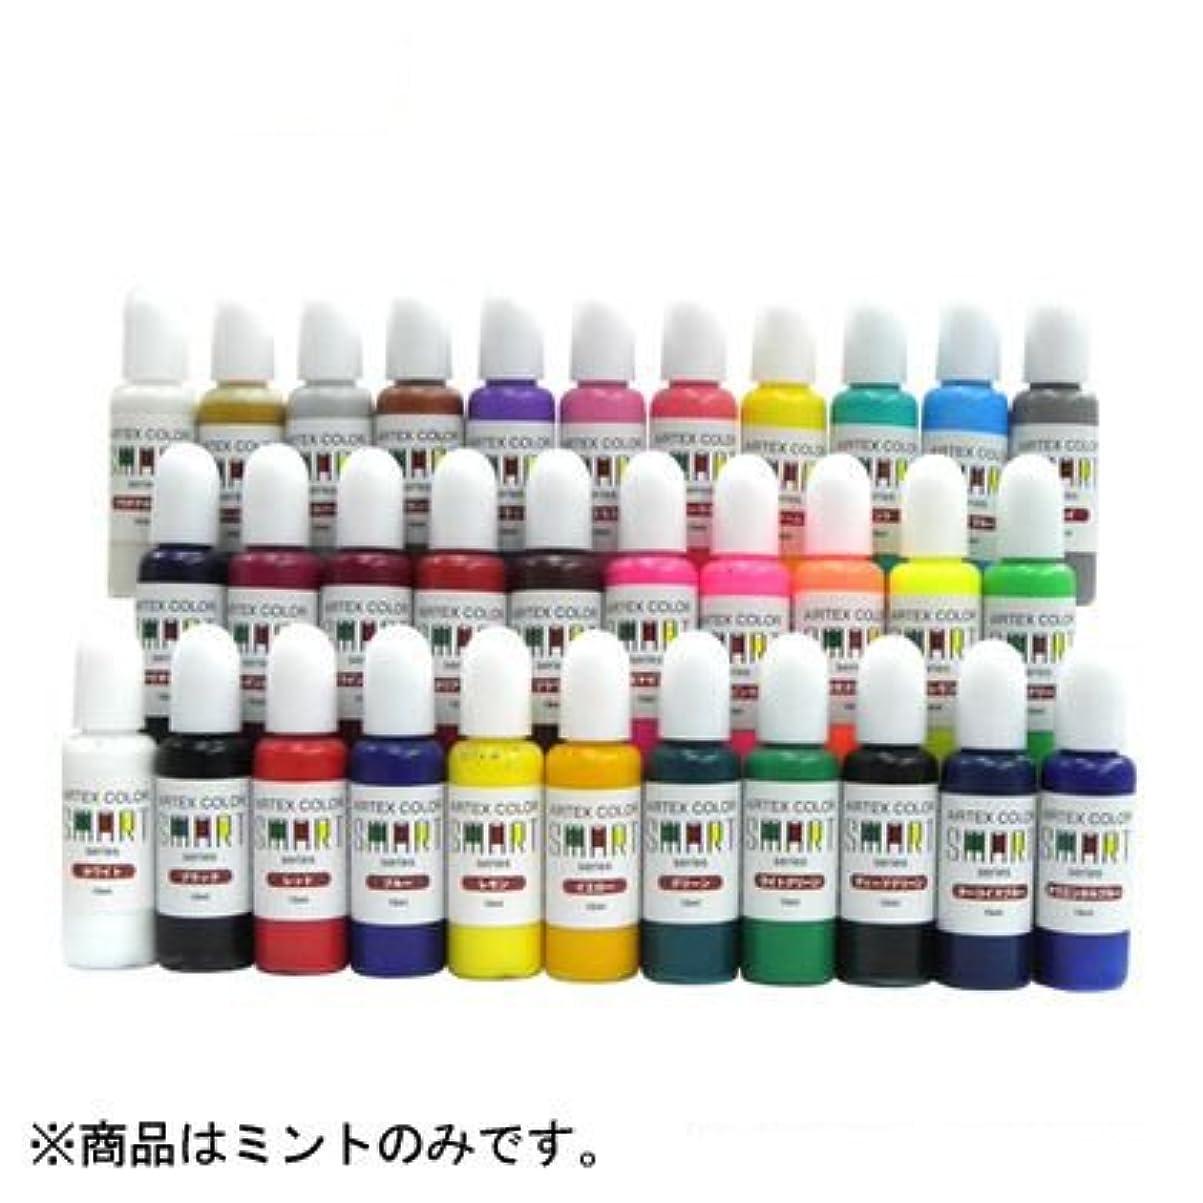 エアテックス カラースマートシリーズ ミント ACS30